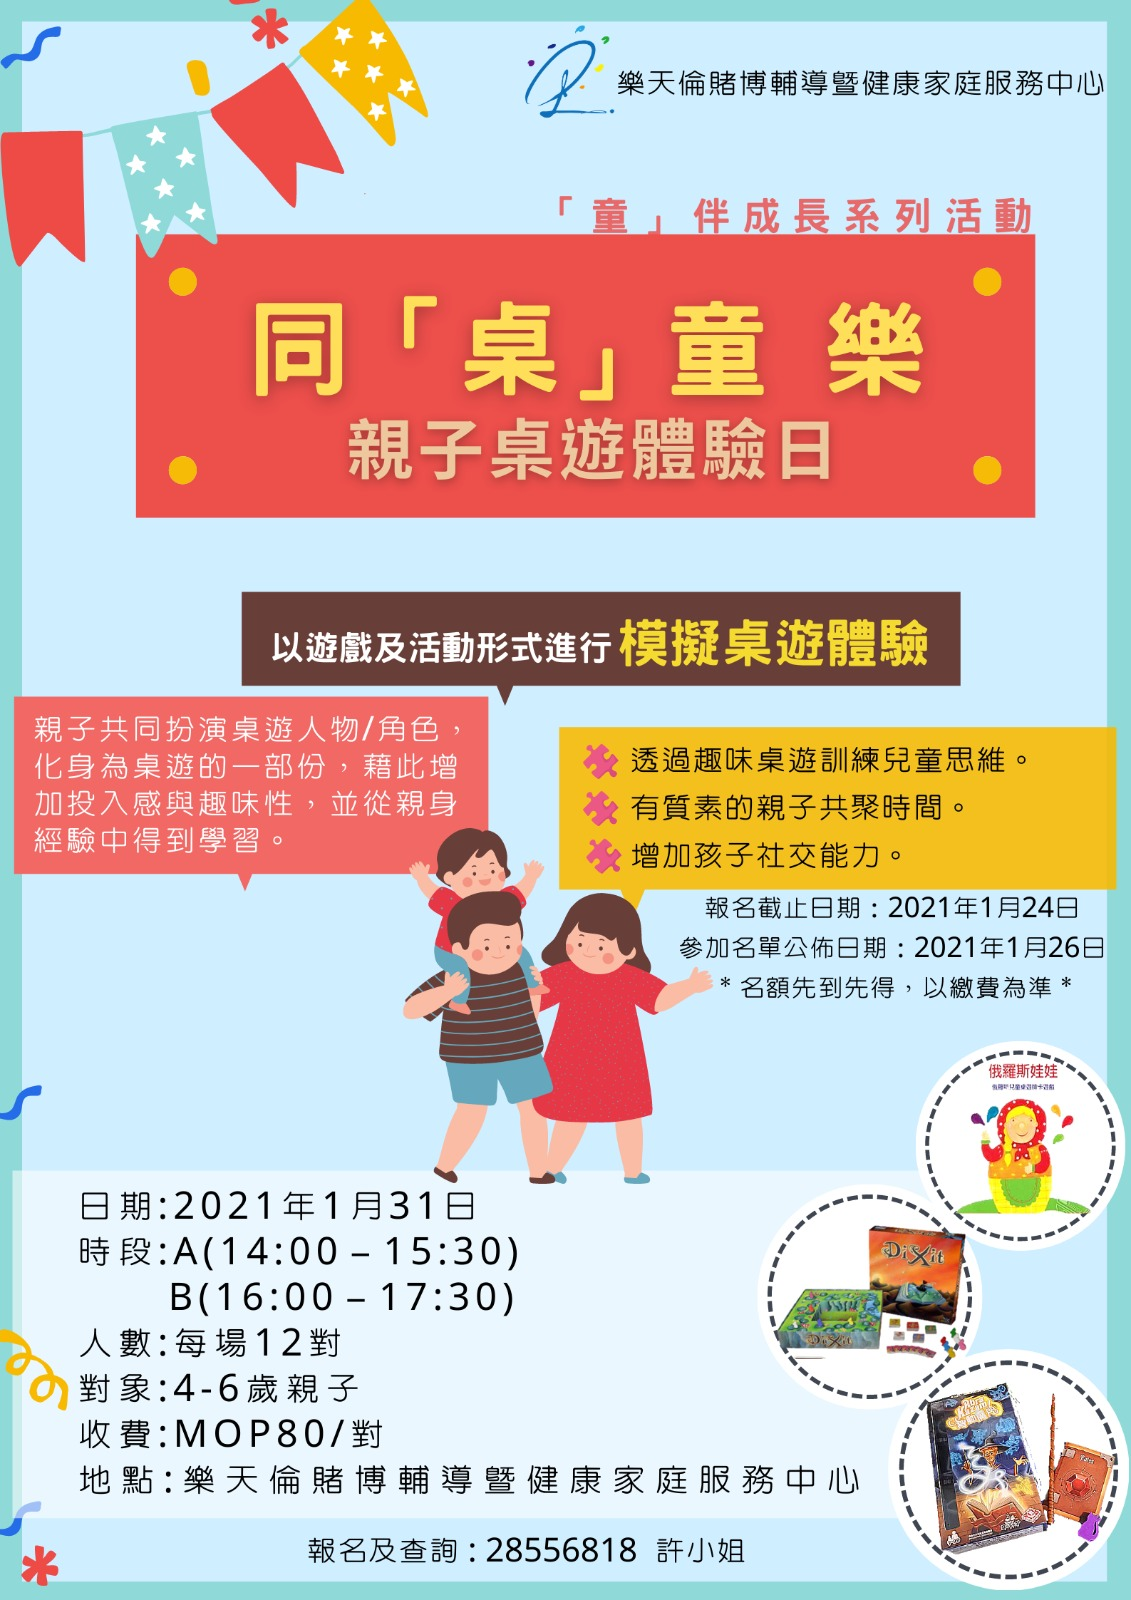 「同桌童樂」親子桌遊體驗日係1月份開班啦!